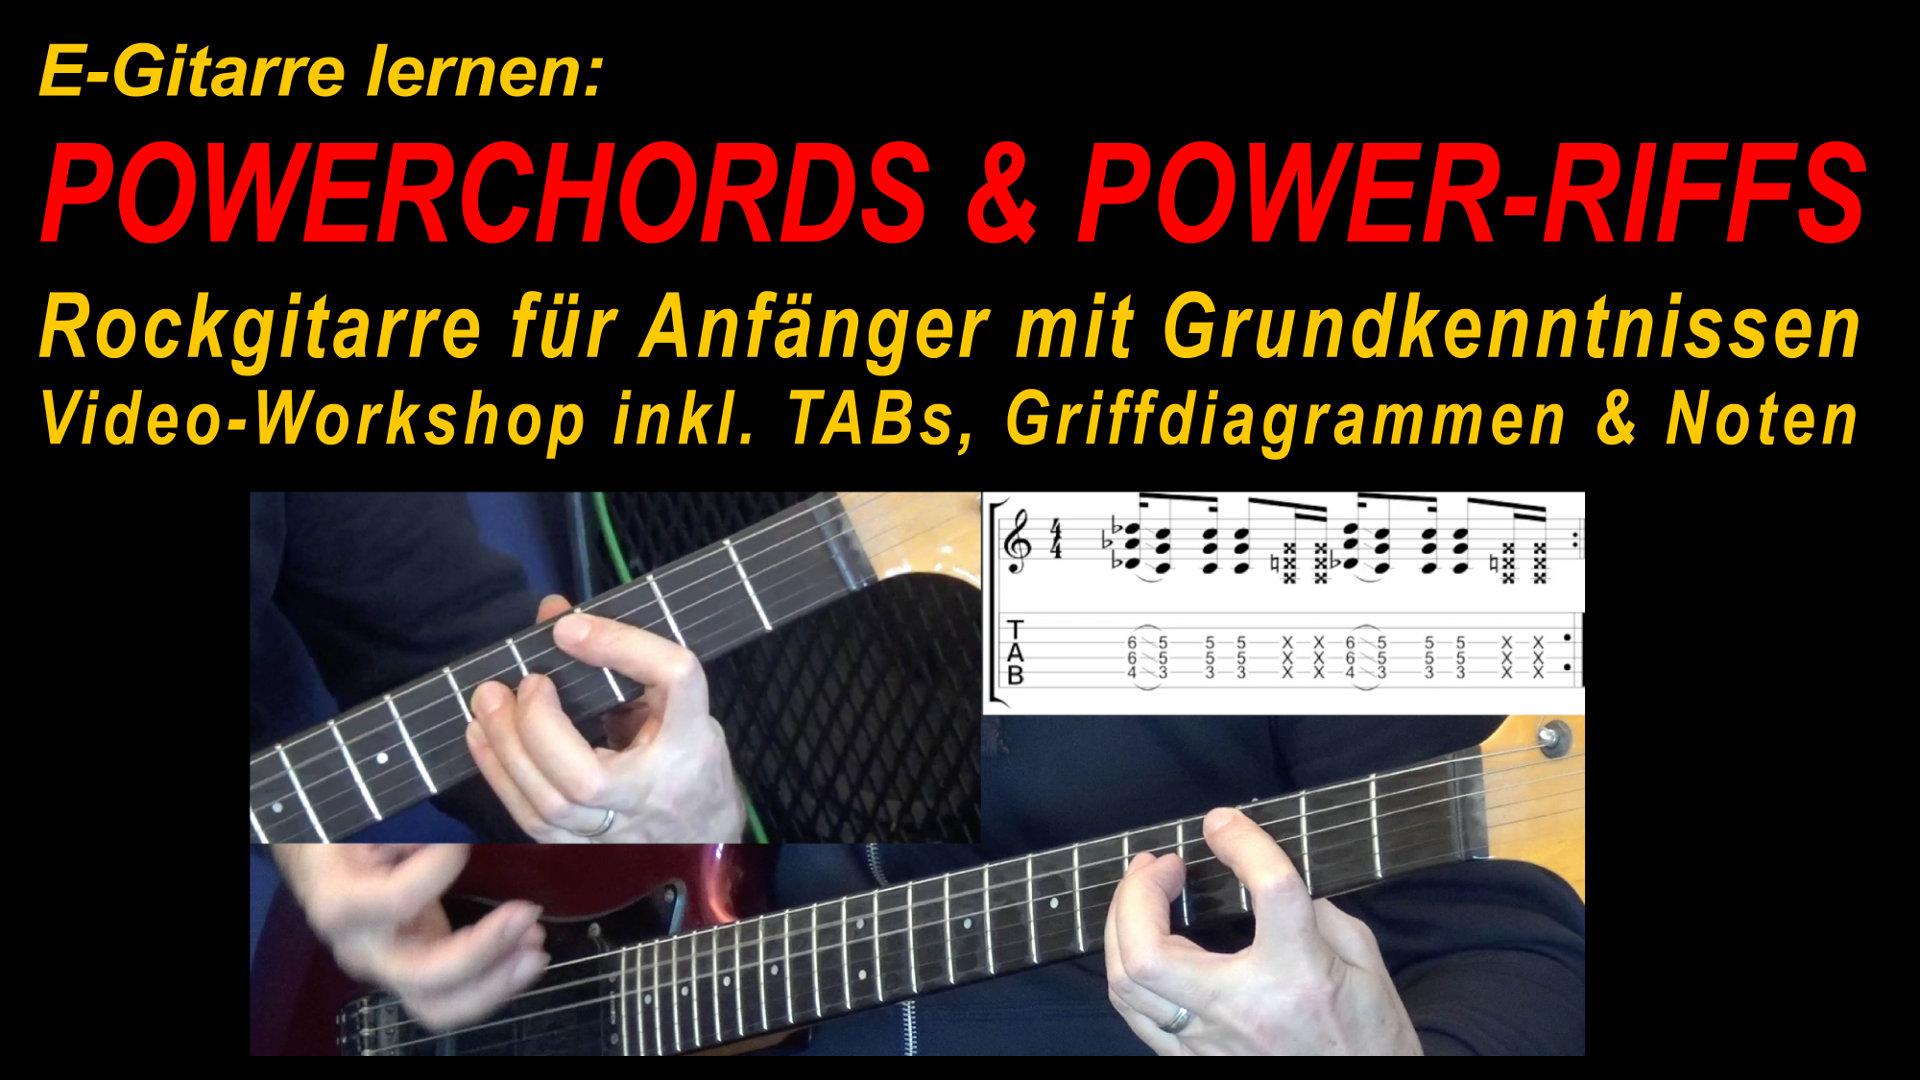 Powerchords E-Gitarre - Gitarre lernen